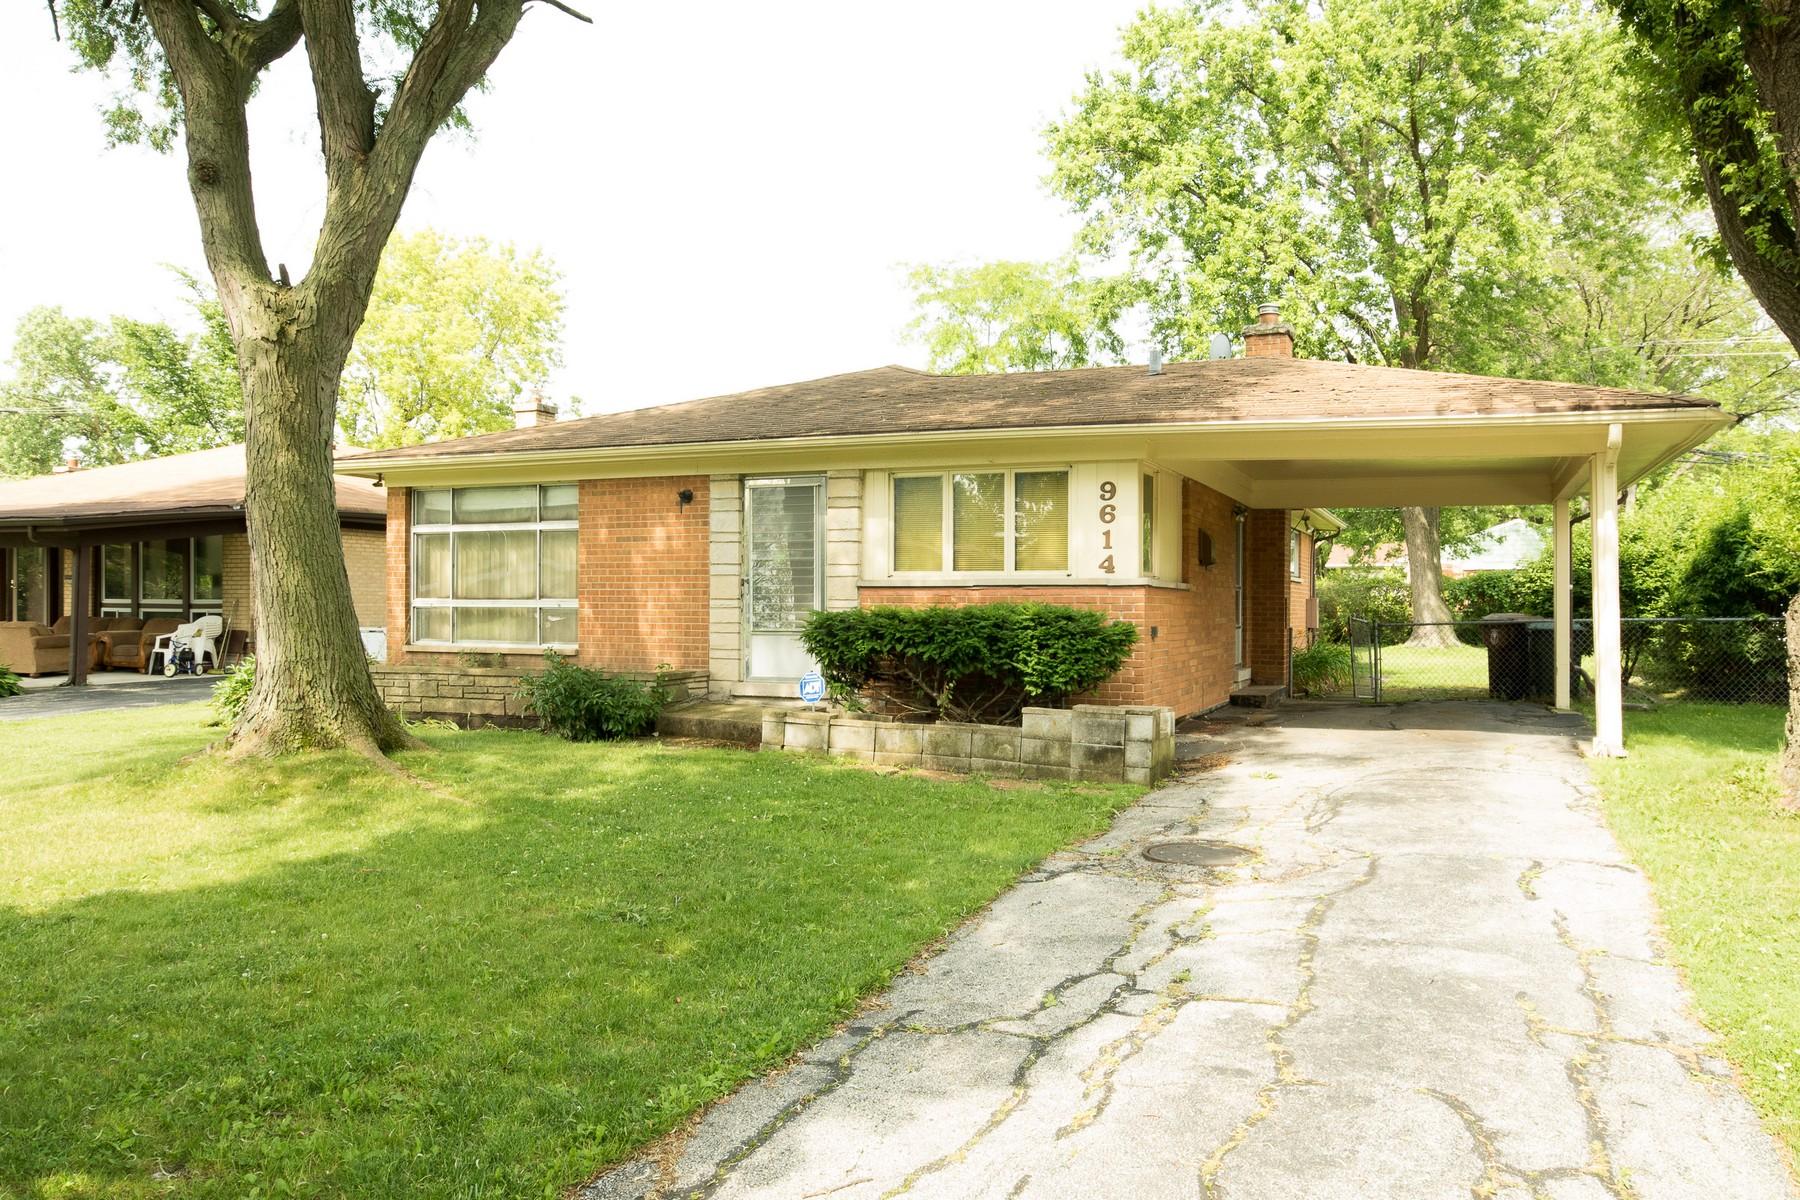 Tek Ailelik Ev için Satış at Spacious Brick Ranch 9614 Karlov Avenue Skokie, Illinois, 60076 Amerika Birleşik Devletleri